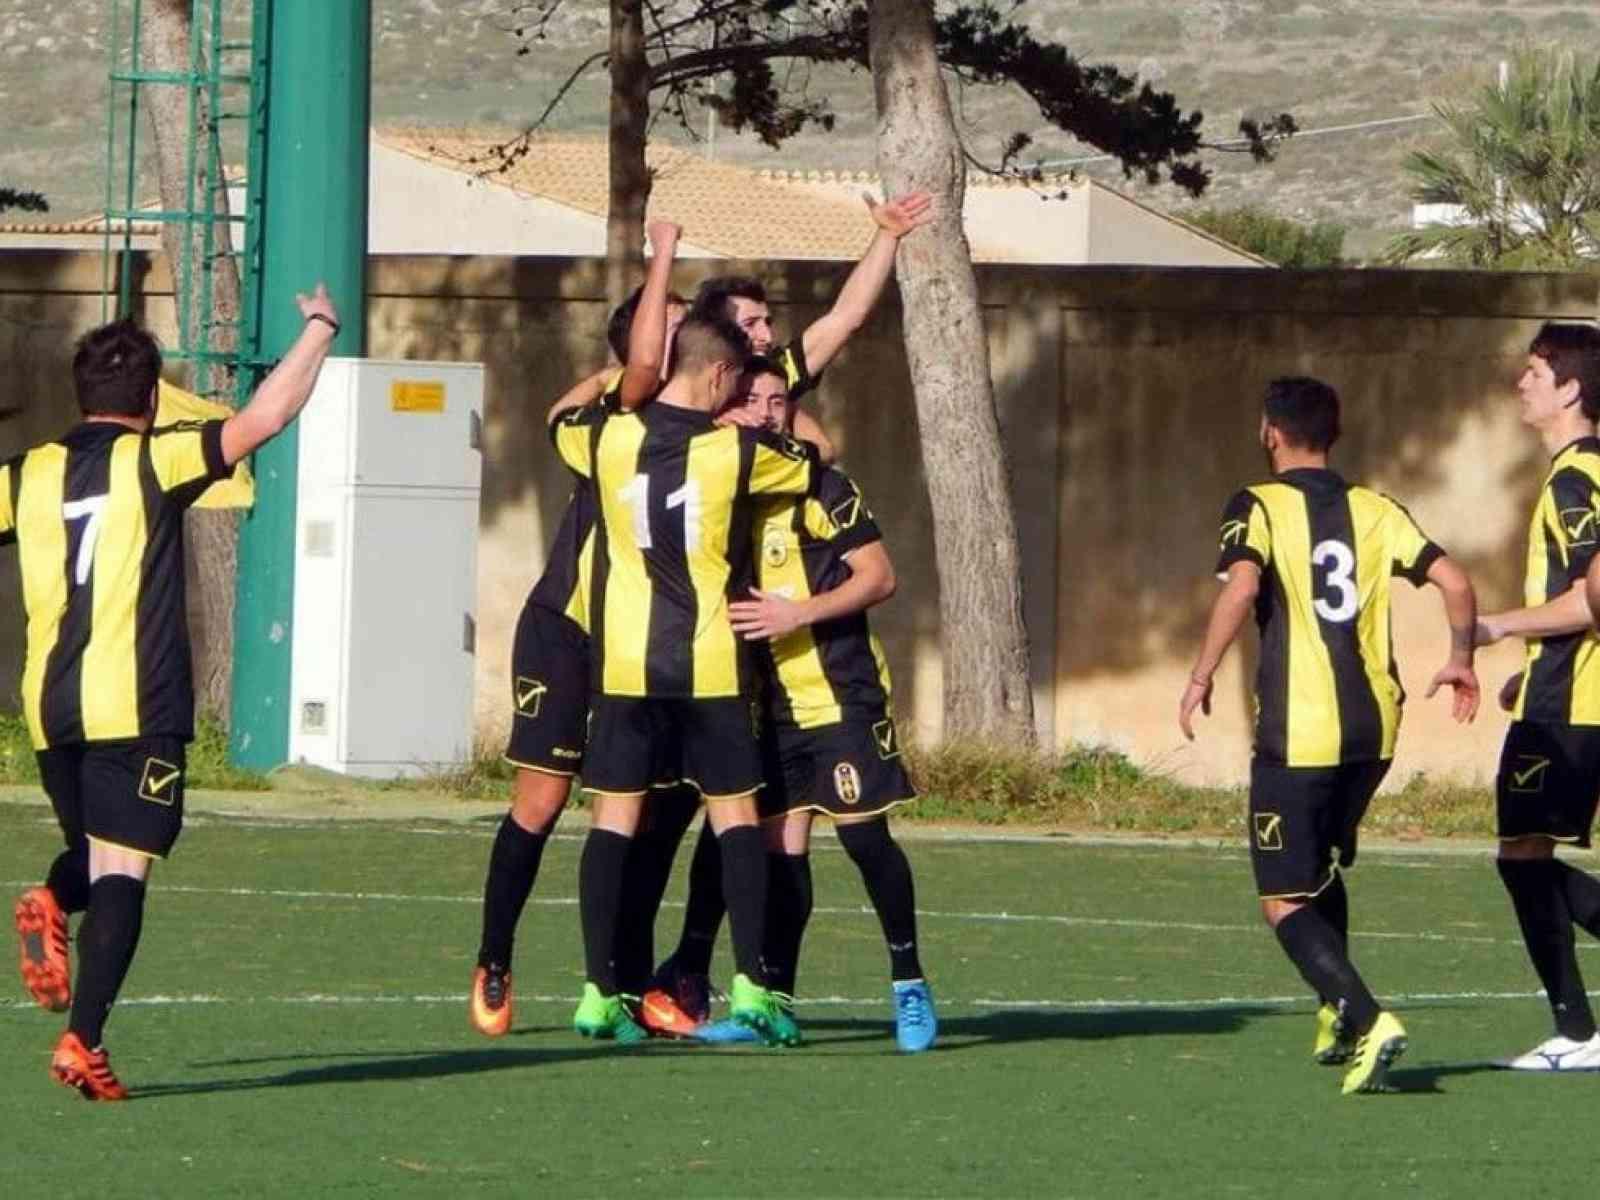 Immagine articolo: Calcio, Playoff per la 1a Categoria. Domani il Real Menfi si gioca la promozione a Mazara